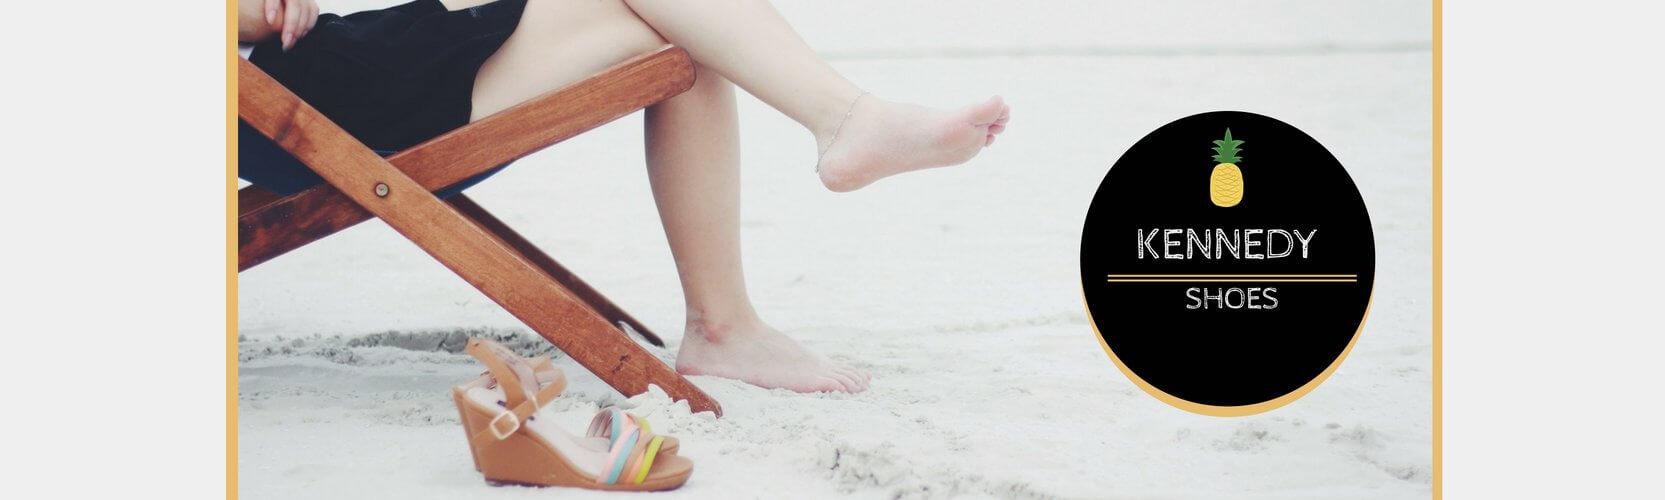 γυναικεια παπουτσια πλατφορμεσ 2018